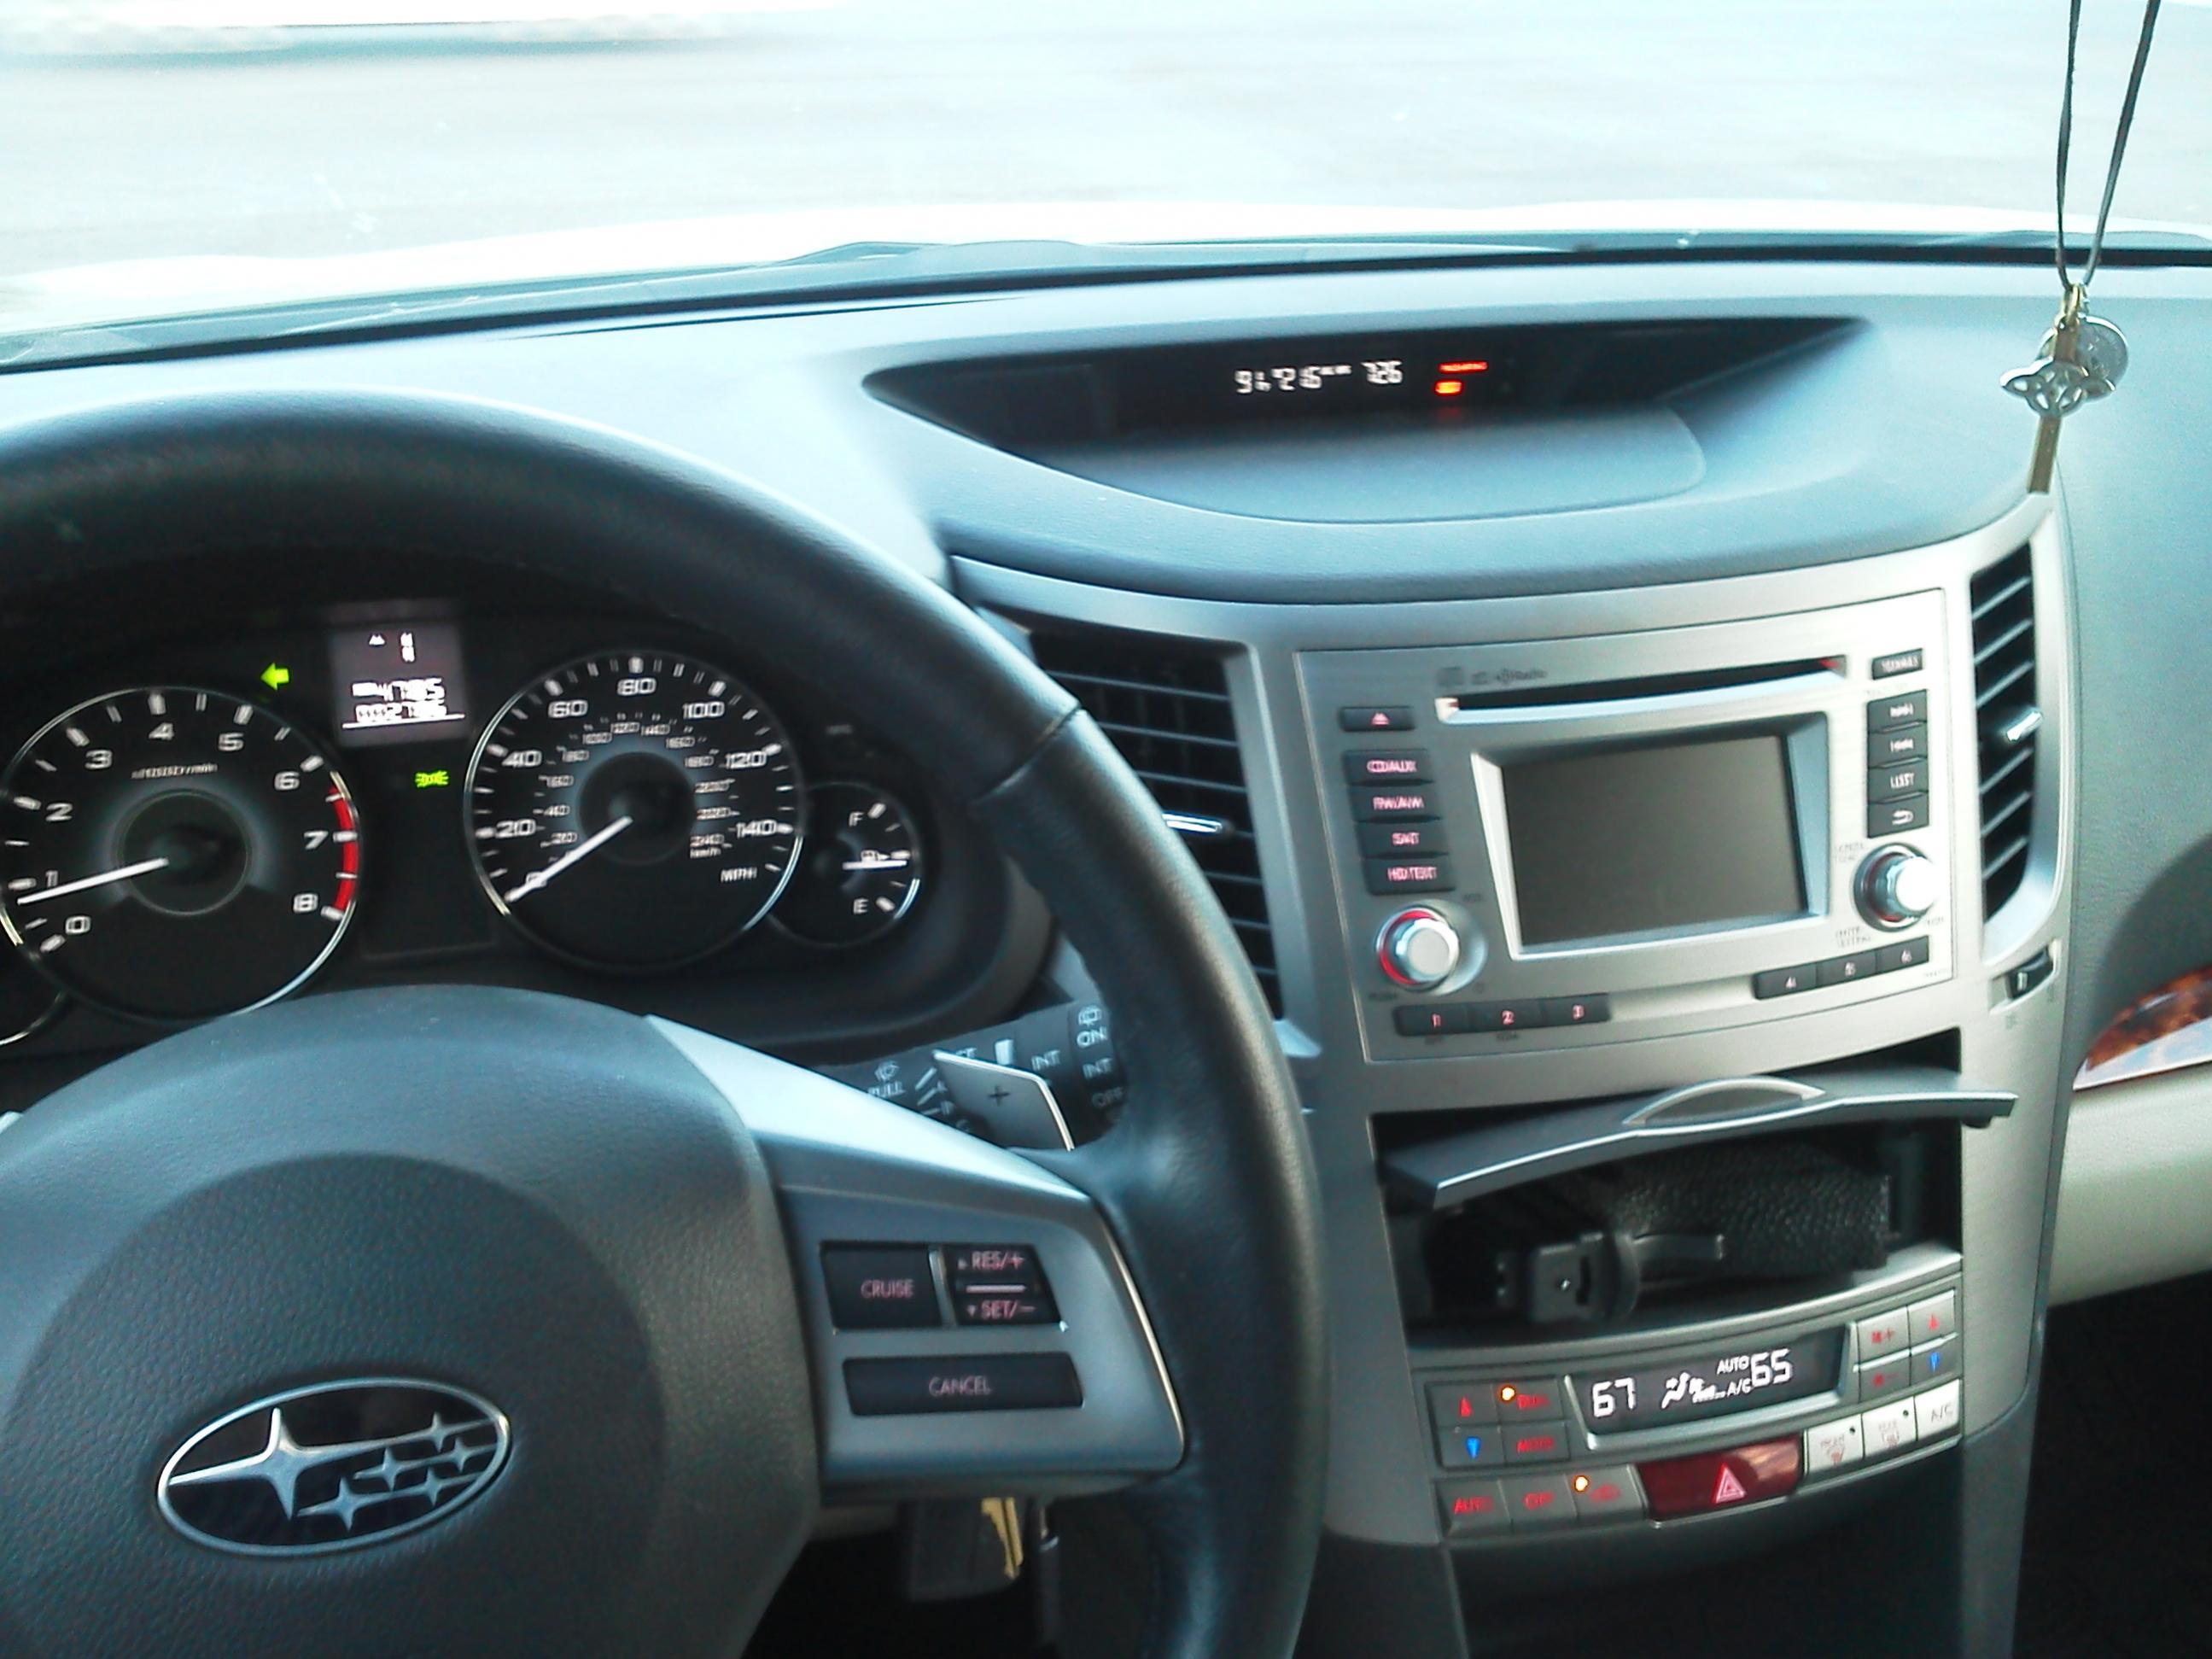 CCW ready Subaru Outback-subaru-ccw.jpg